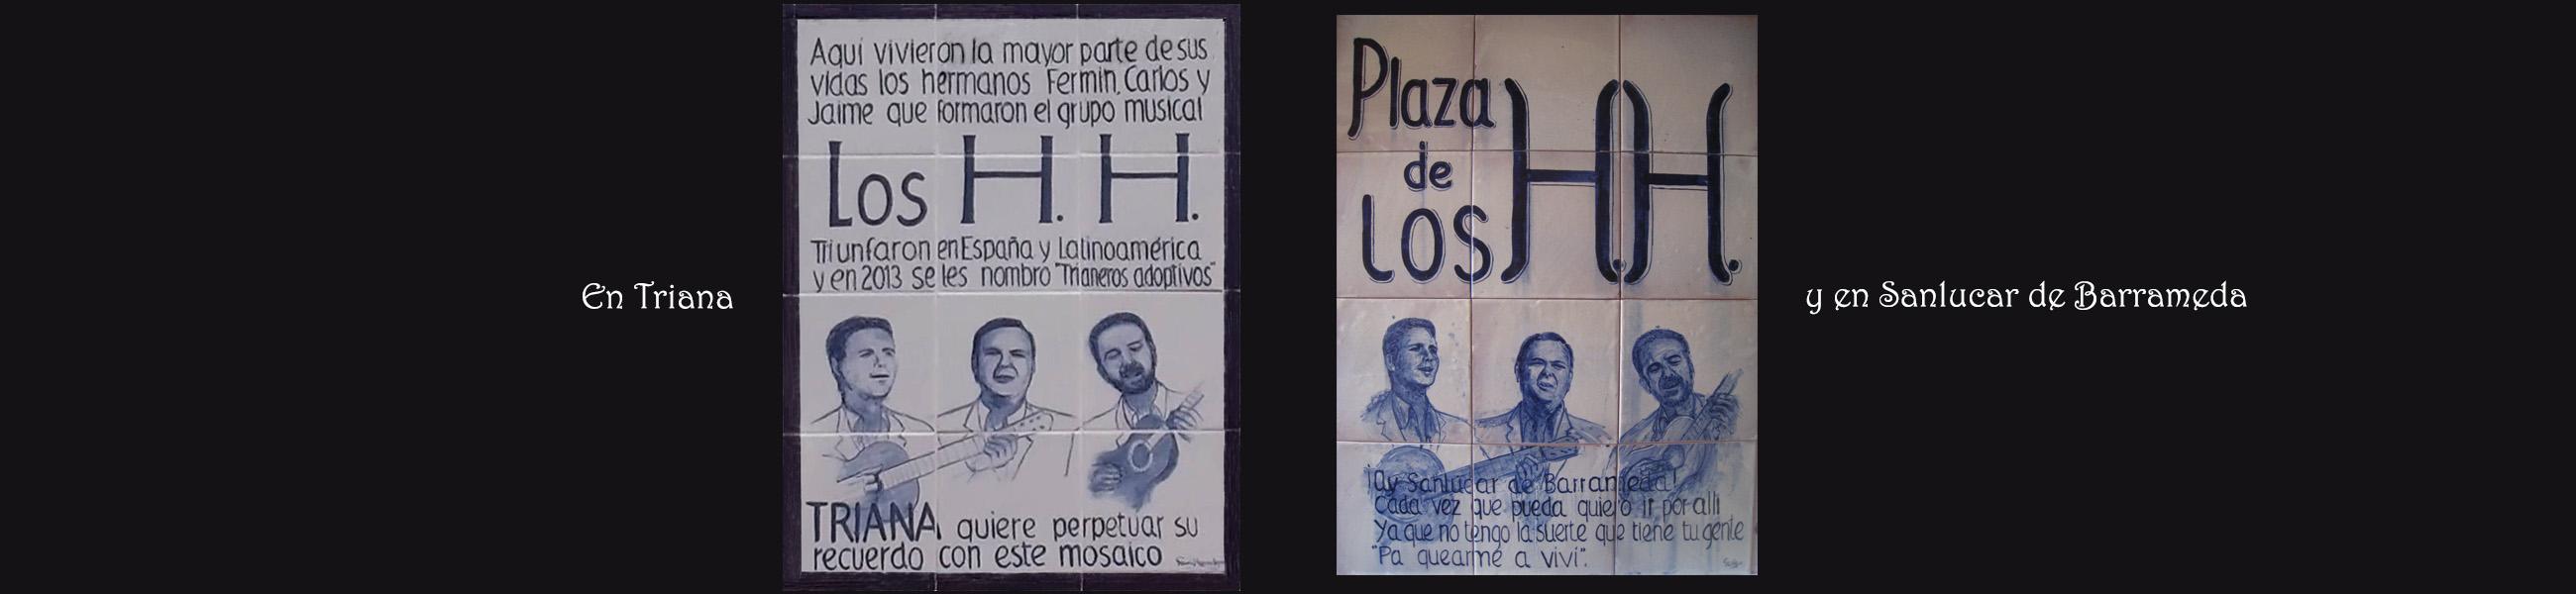 Fermín Hache - Azulejos Los HH